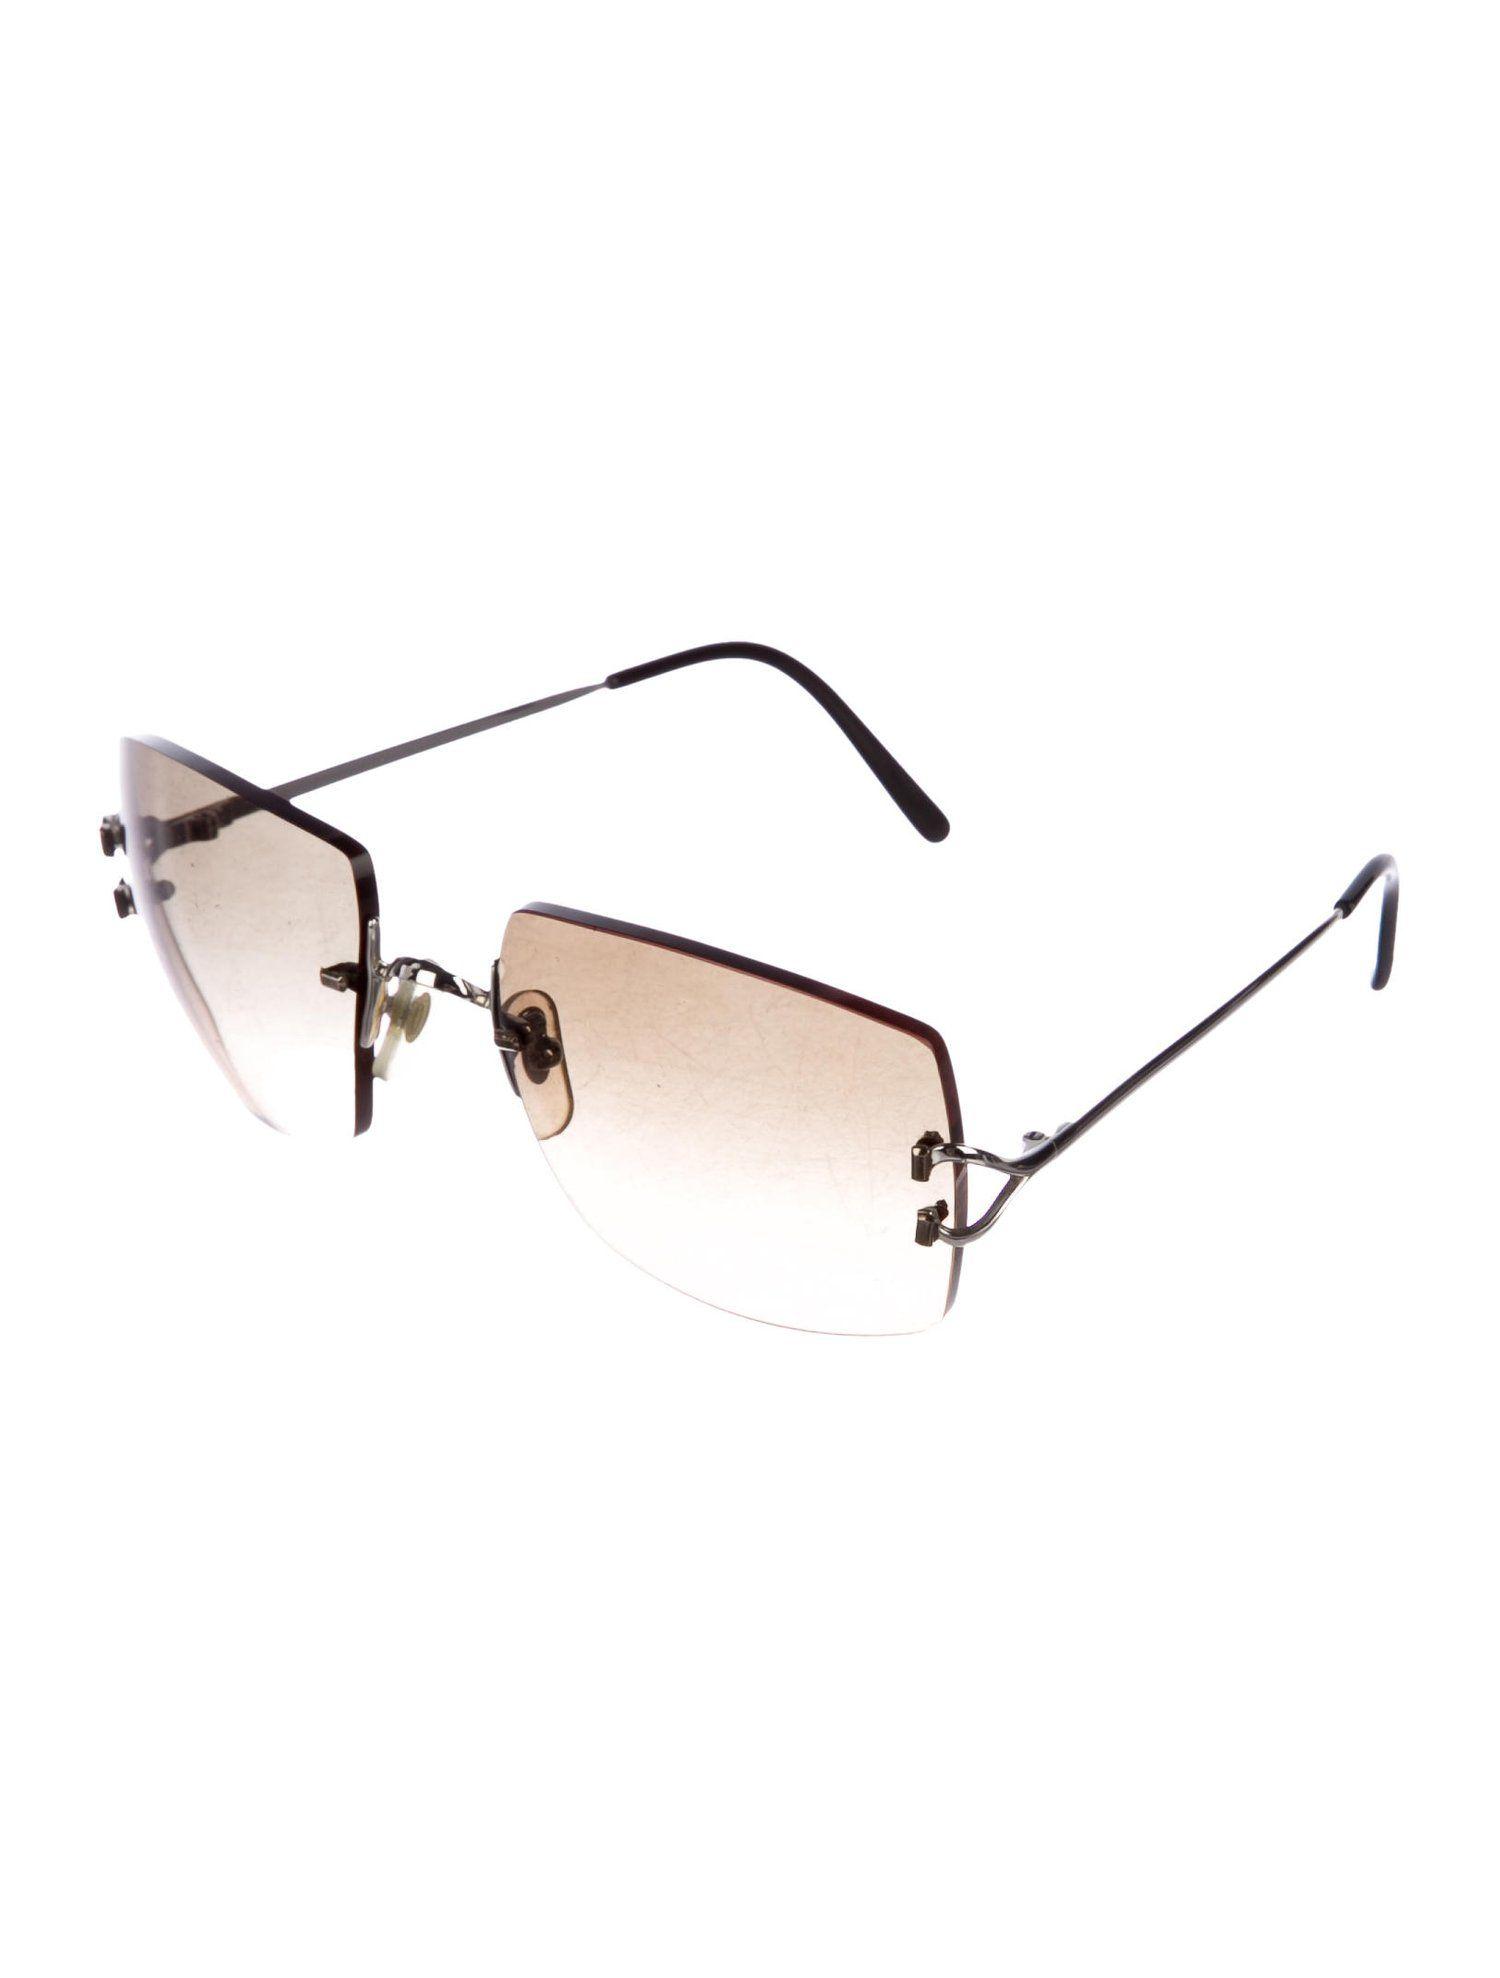 2fa972e9b8 Cartier C-Decor Rimless Sunglasses  Decor  Cartier  Sunglasses